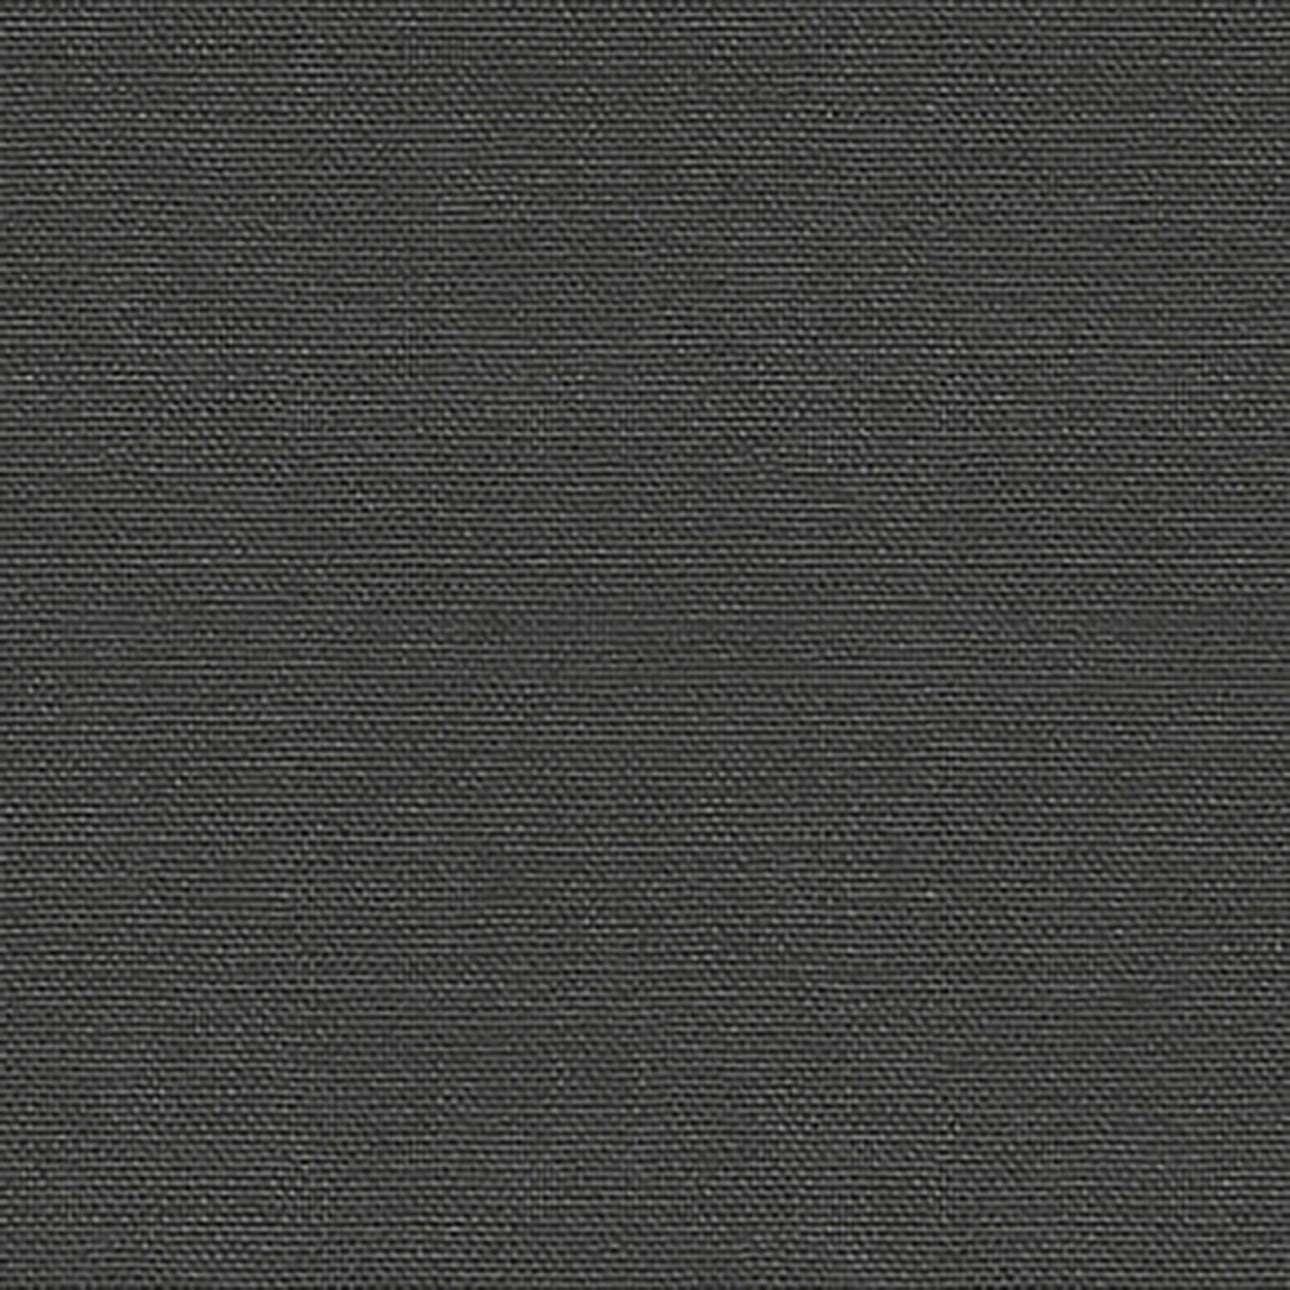 Pokrowiec na siedzisko Börje w kolekcji Jupiter, tkanina: 127-99